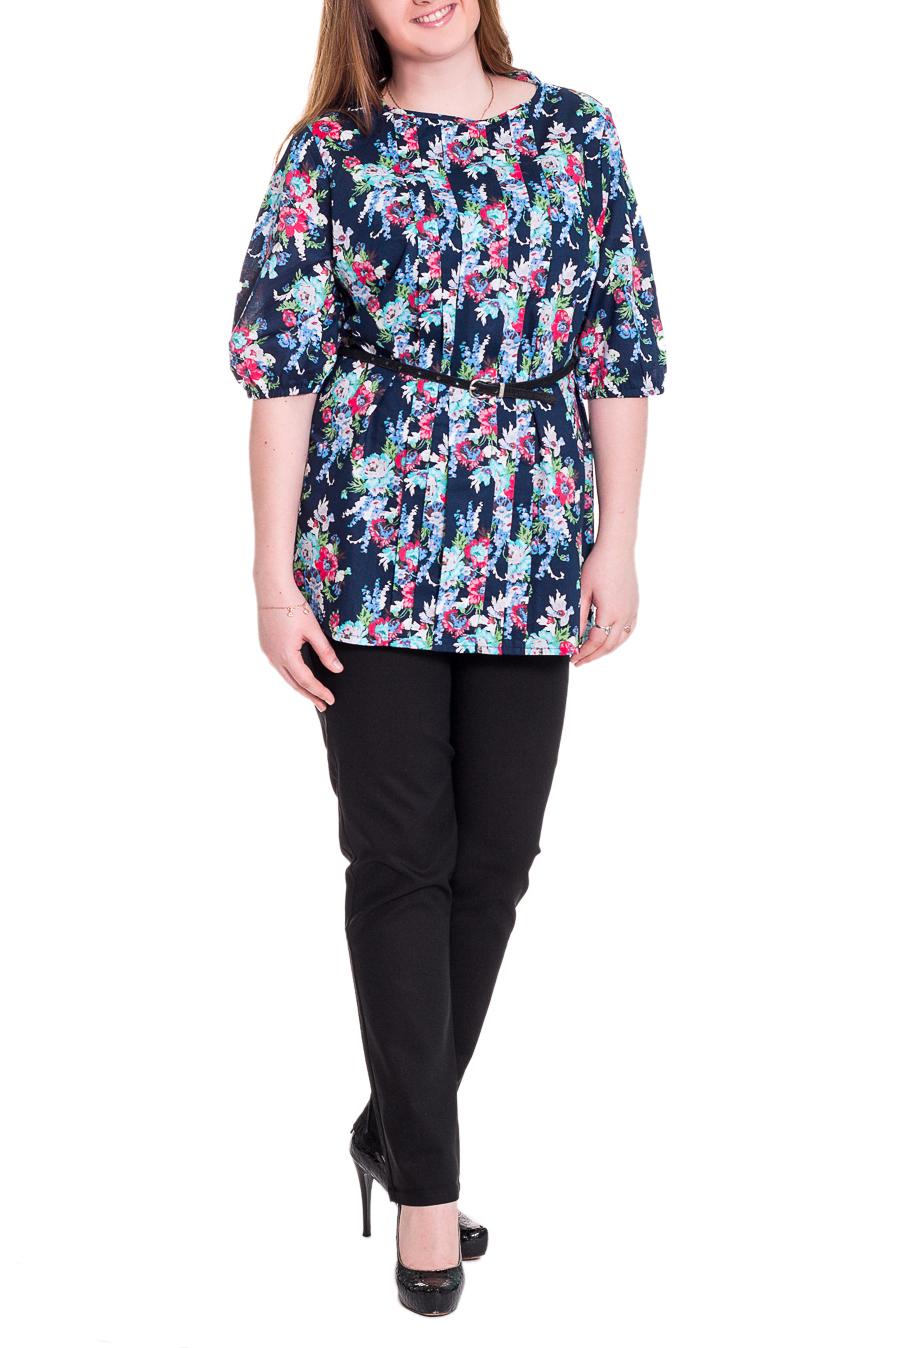 Блузка - TrispaБлузки<br>Прелестная женская блузка прямого силуэта со складками на передней части изделия, украшенная утонченным цветочным рисунком. На спинке средний шов. Горловина окантована. Рукав втачной, 3/4, со сборкой по низу на резинку. Пояс в комплект не входит. Цвет: на темно-синем фоне голубые и розовые цветы.  Длина рукава - 38 ± 1 см  Рост девушки-фотомодели 171 см  Длина изделия: 54 размер - 77 ± 2 см 56 размер - 77 ± 2 см 58 размер - 77 ± 2 см 60 размер - 77 ± 2 см 62 размер - 79 ± 2 см 64 размер - 79 ± 2 см 66 размер - 79 ± 2 см<br><br>По образу: Город,Свидание<br>По стилю: Повседневный стиль,Романтический стиль<br>По материалу: Хлопок,Блузочная ткань<br>По рисунку: С принтом,Цветные,Цветочные,Растительные мотивы<br>По сезону: Зима,Лето,Осень,Весна,Всесезон<br>По силуэту: Прямые<br>По элементам: С декором,Со складками<br>Рукав: Рукав три четверти<br>Горловина: С- горловина<br>Размер: 54,56,58,60,62,64,66<br>Материал: 100% хлопок<br>Количество в наличии: 13